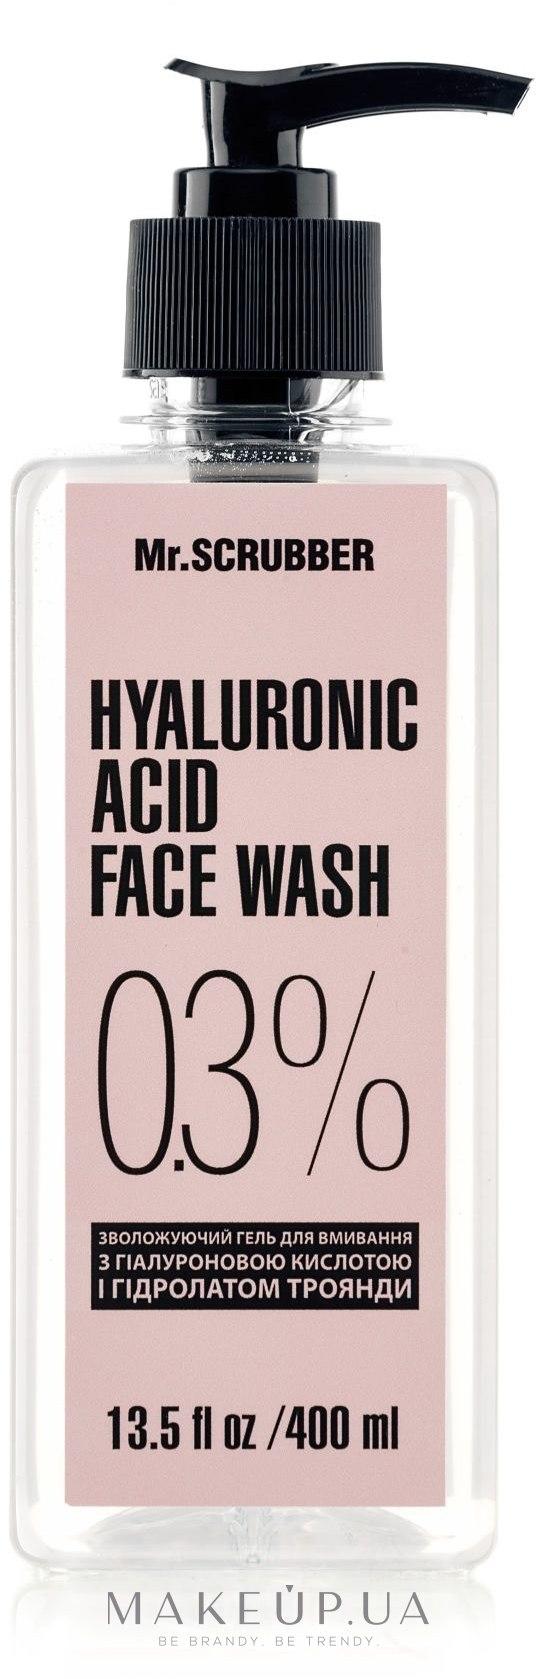 Гель для умывания с гиалуроновой кислотой (Mr.Scrubber Hyaluronic Acid Face Wash)